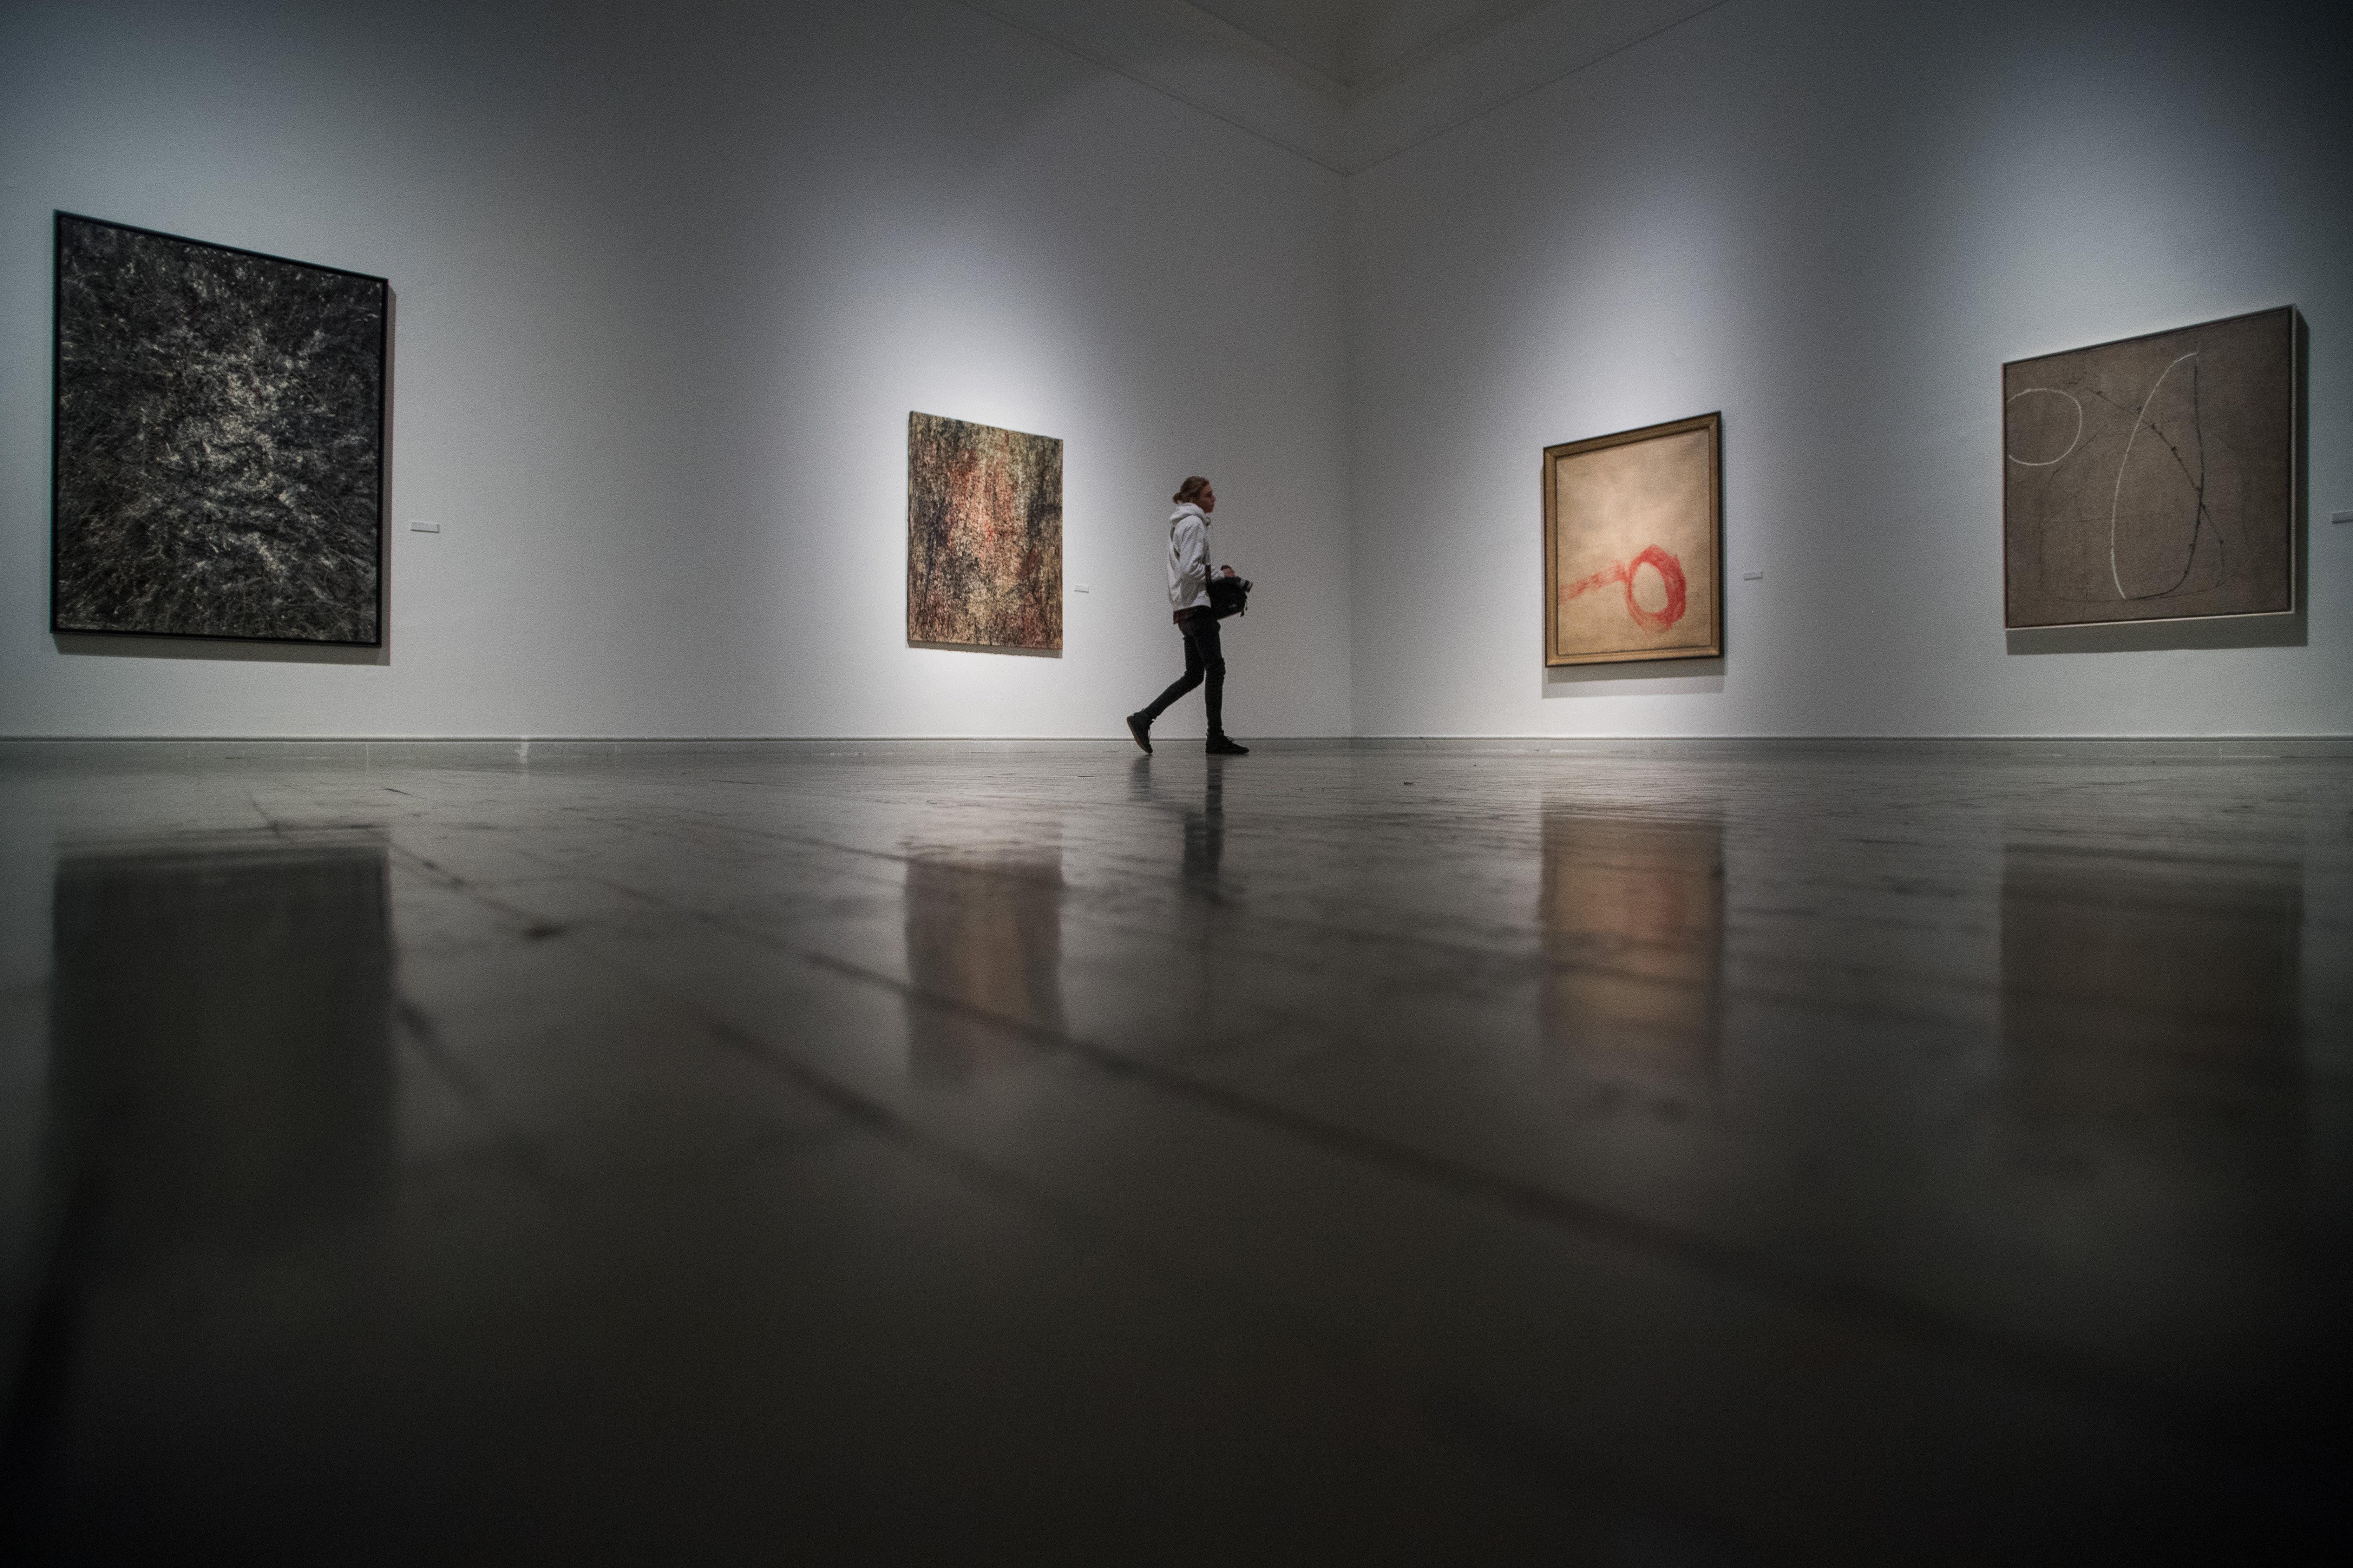 Trianon 100 - Ausstellung von Marcell Jankovics in Budapest eröffnet